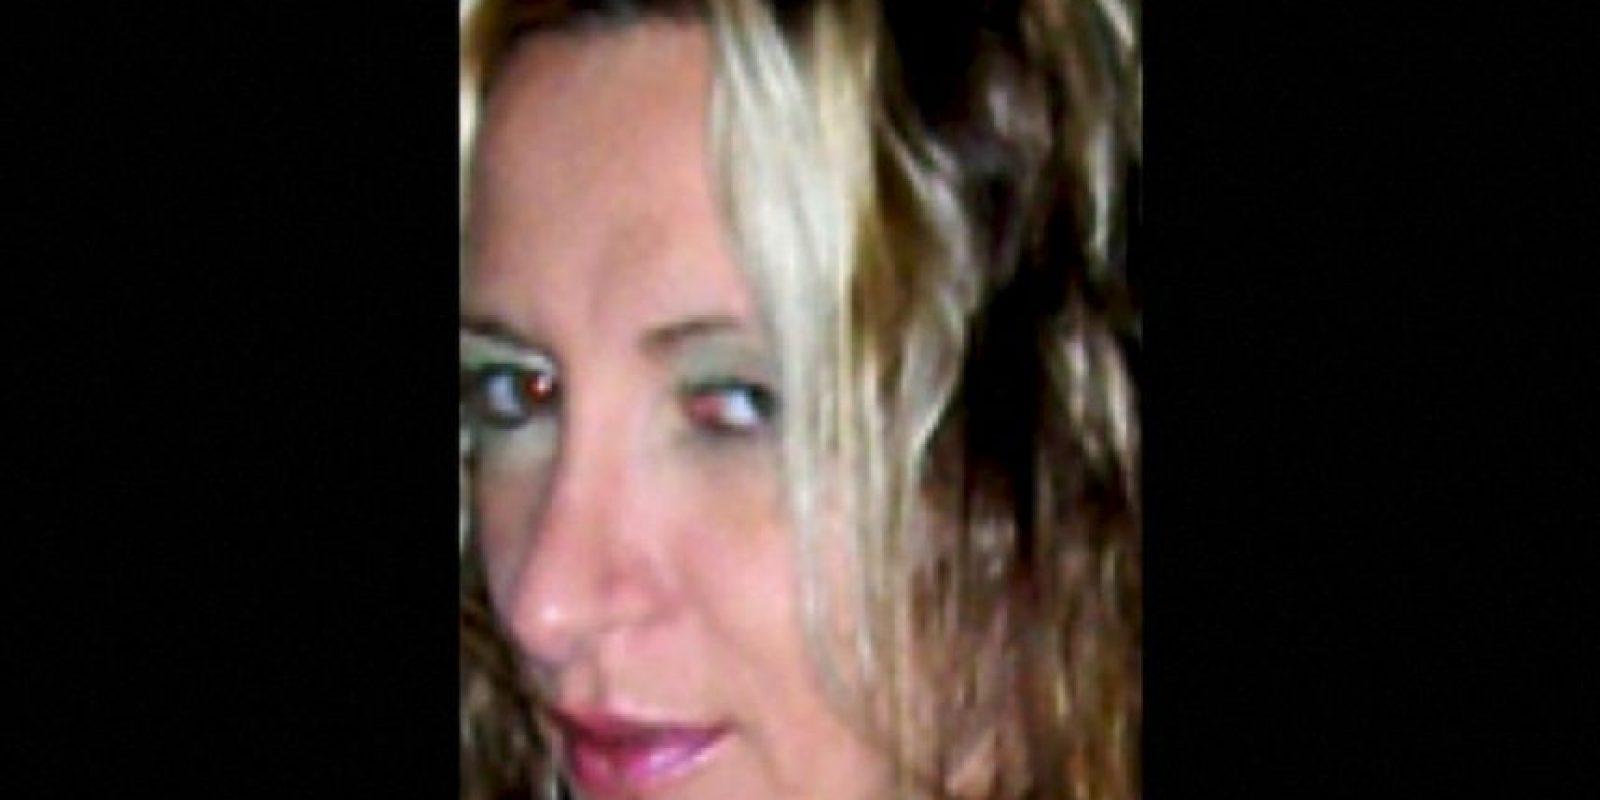 Abbie Jane Swogger, de 34 años, fue acusada de organizar una fiesta sexual con sus alumnos y alumnas de 15 años Foto:wnd.com